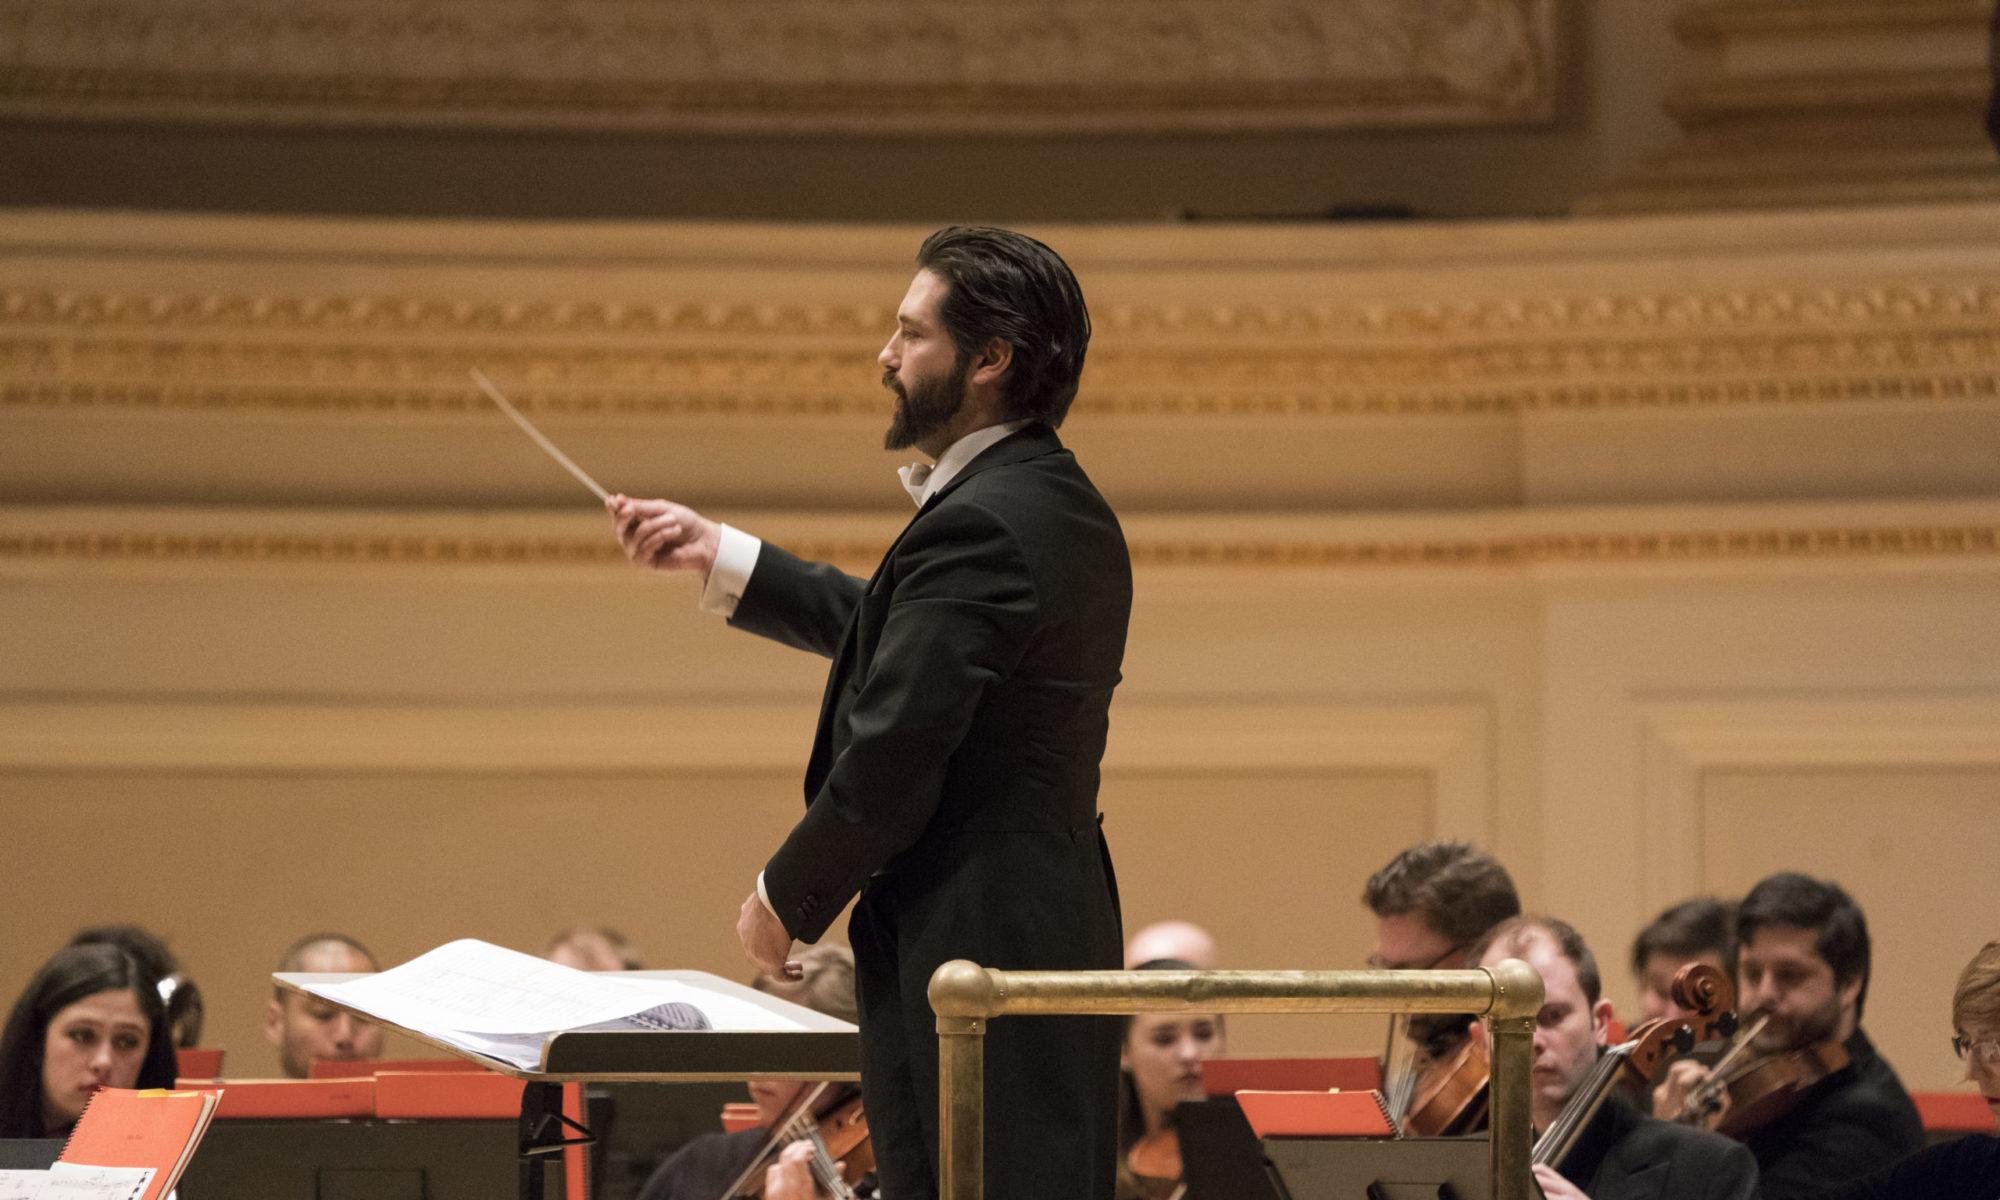 Alessandro Calcagnile, conductor